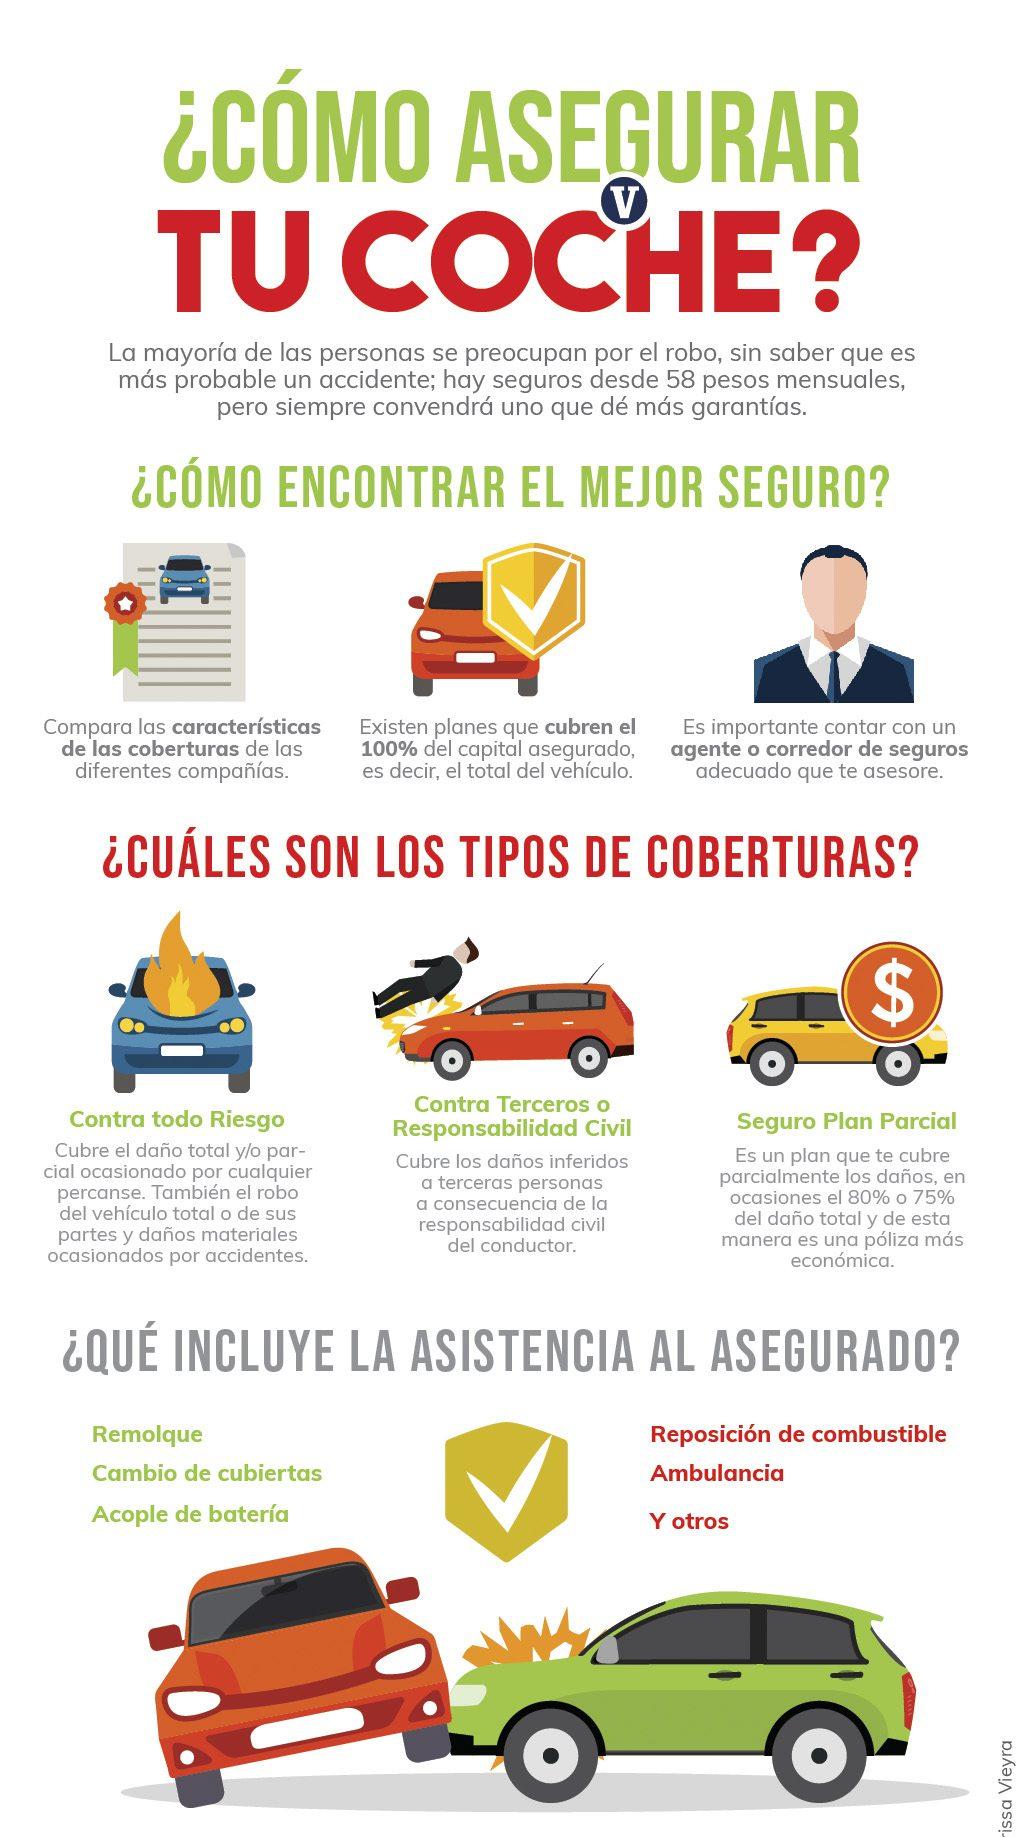 Conceptos básicos del seguro de automóvil